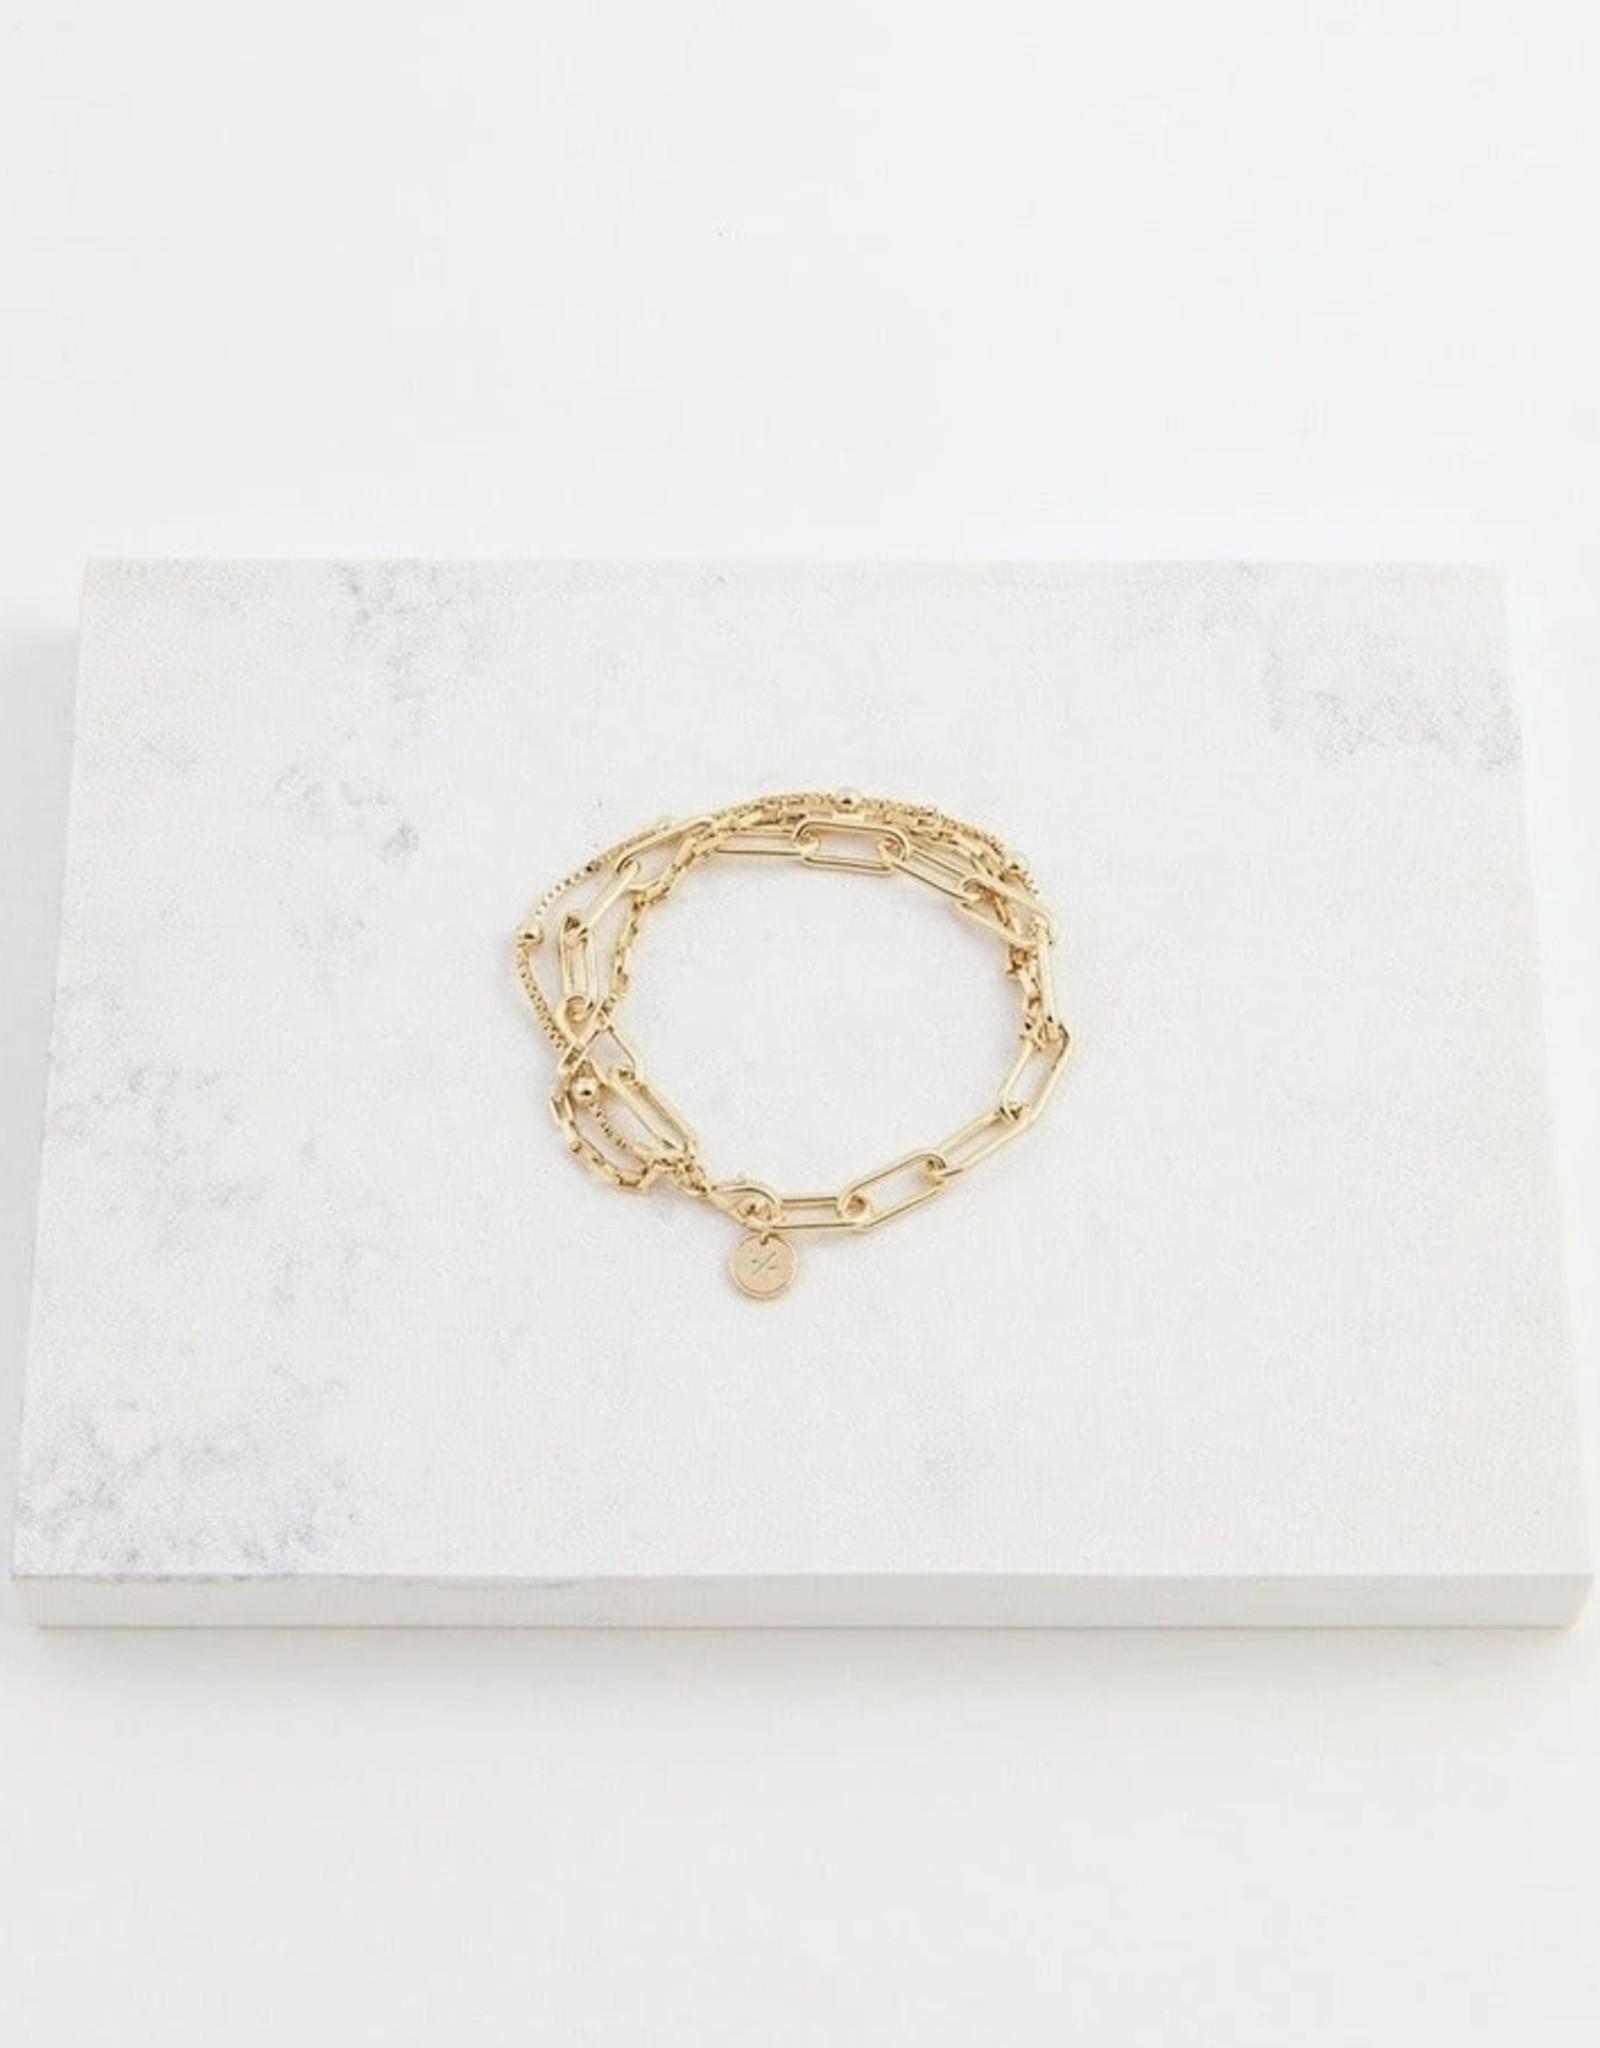 Bracelet, Shay, Gold Plated Brass